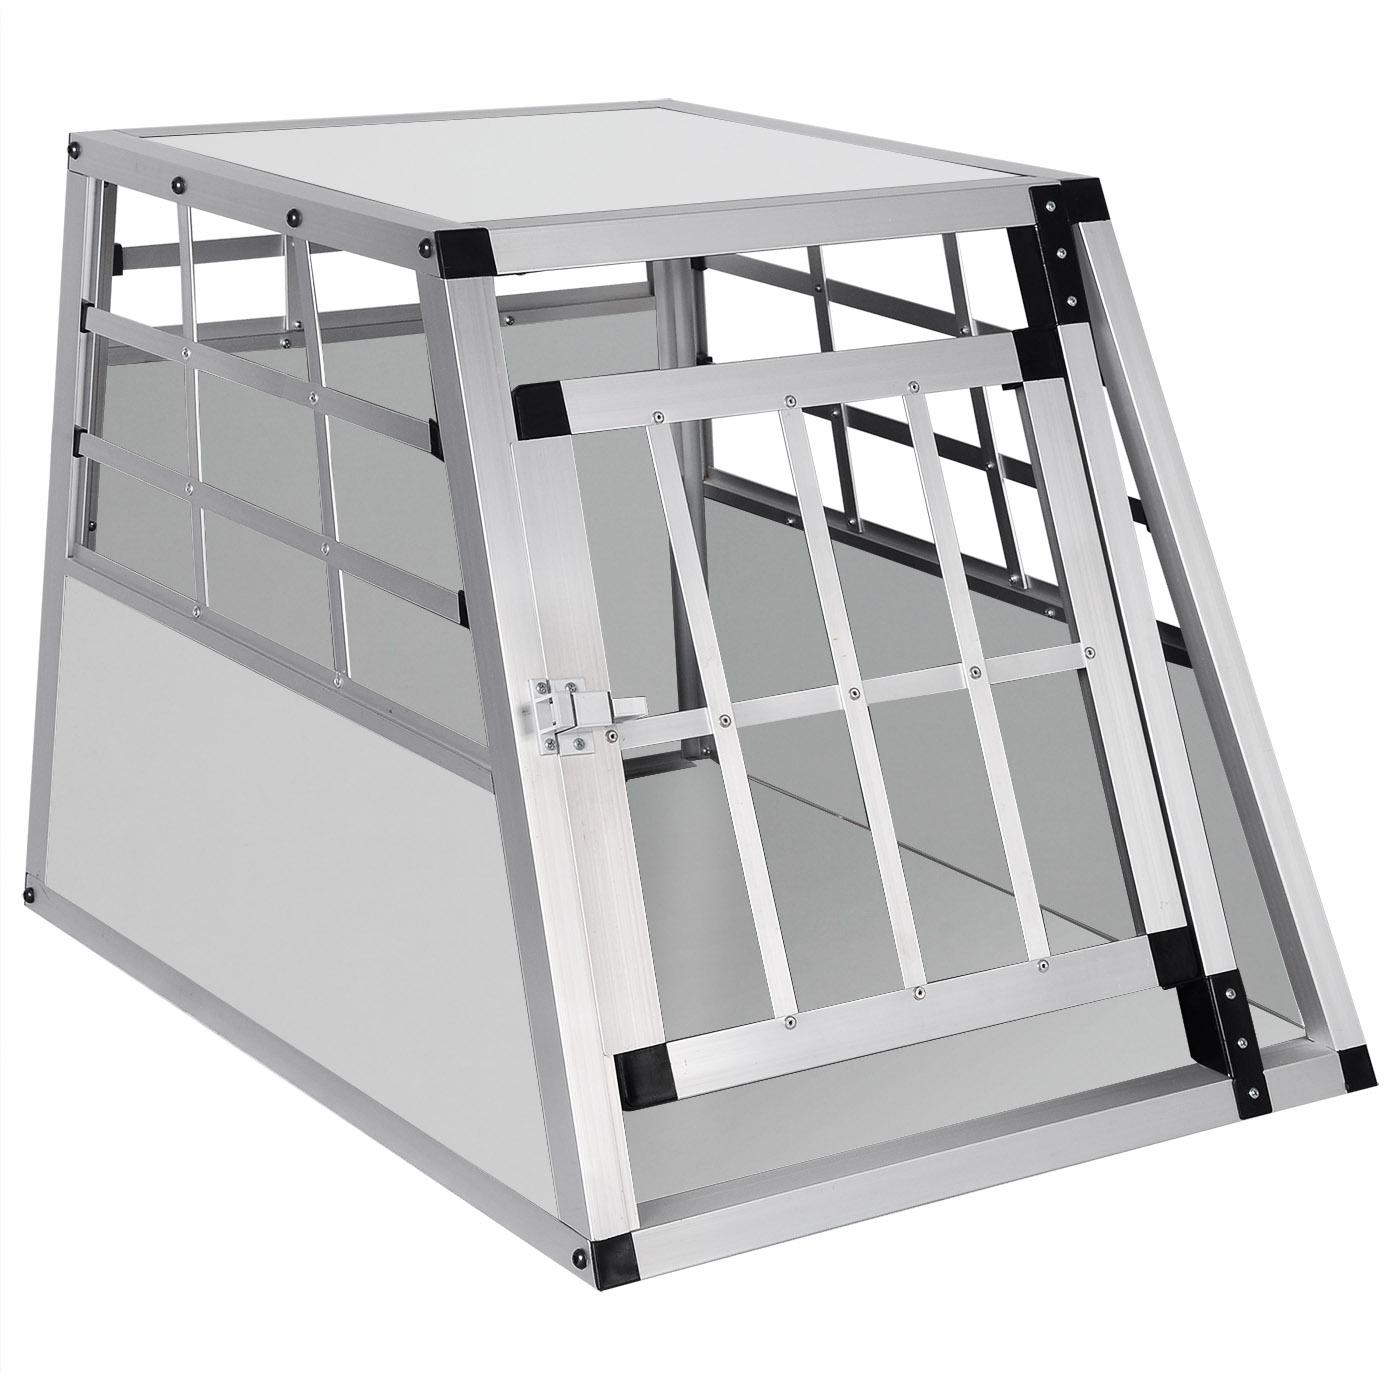 hundebox transportbox autotransportbox alu box hund. Black Bedroom Furniture Sets. Home Design Ideas